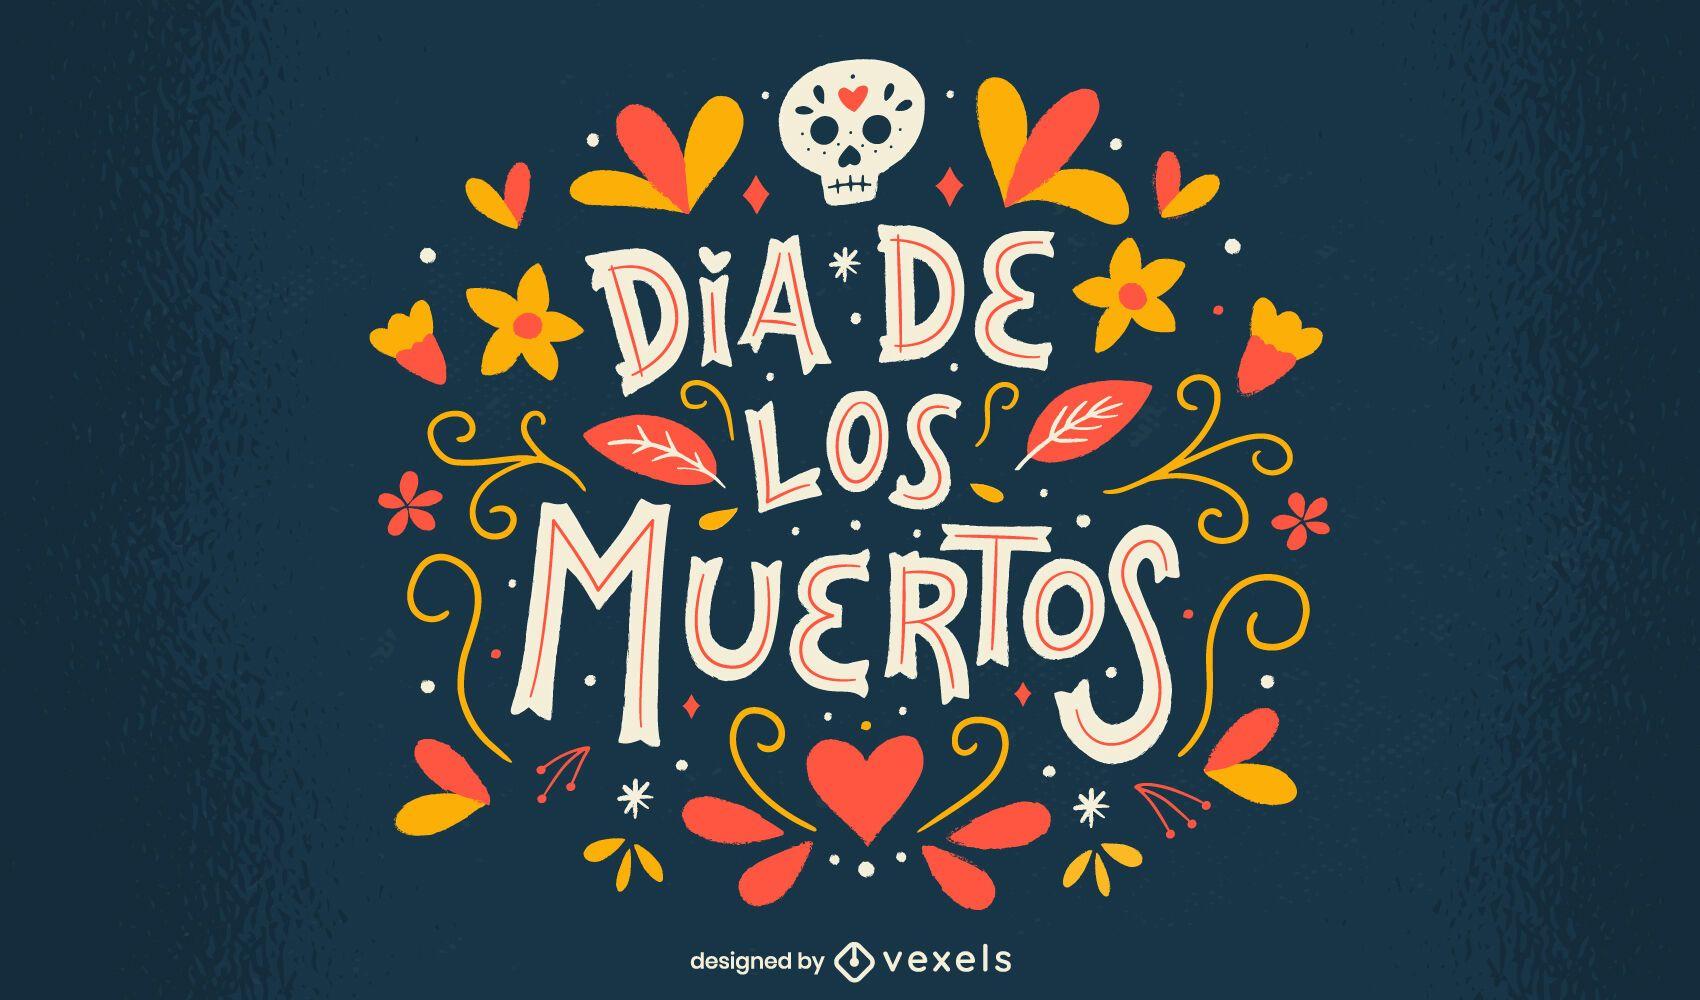 Dia das flores mortas desenho de letras